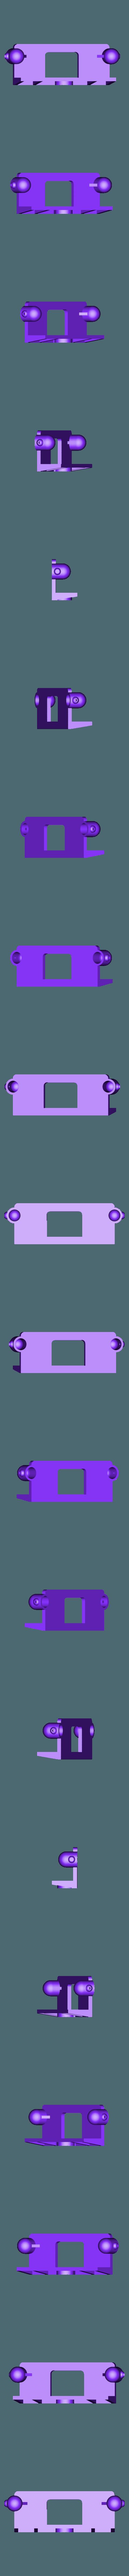 EndClamp.stl Télécharger fichier STL gratuit Support de caméra de plafond pour plafonds commerciaux de 600 mm • Design imprimable en 3D, PapaBravo